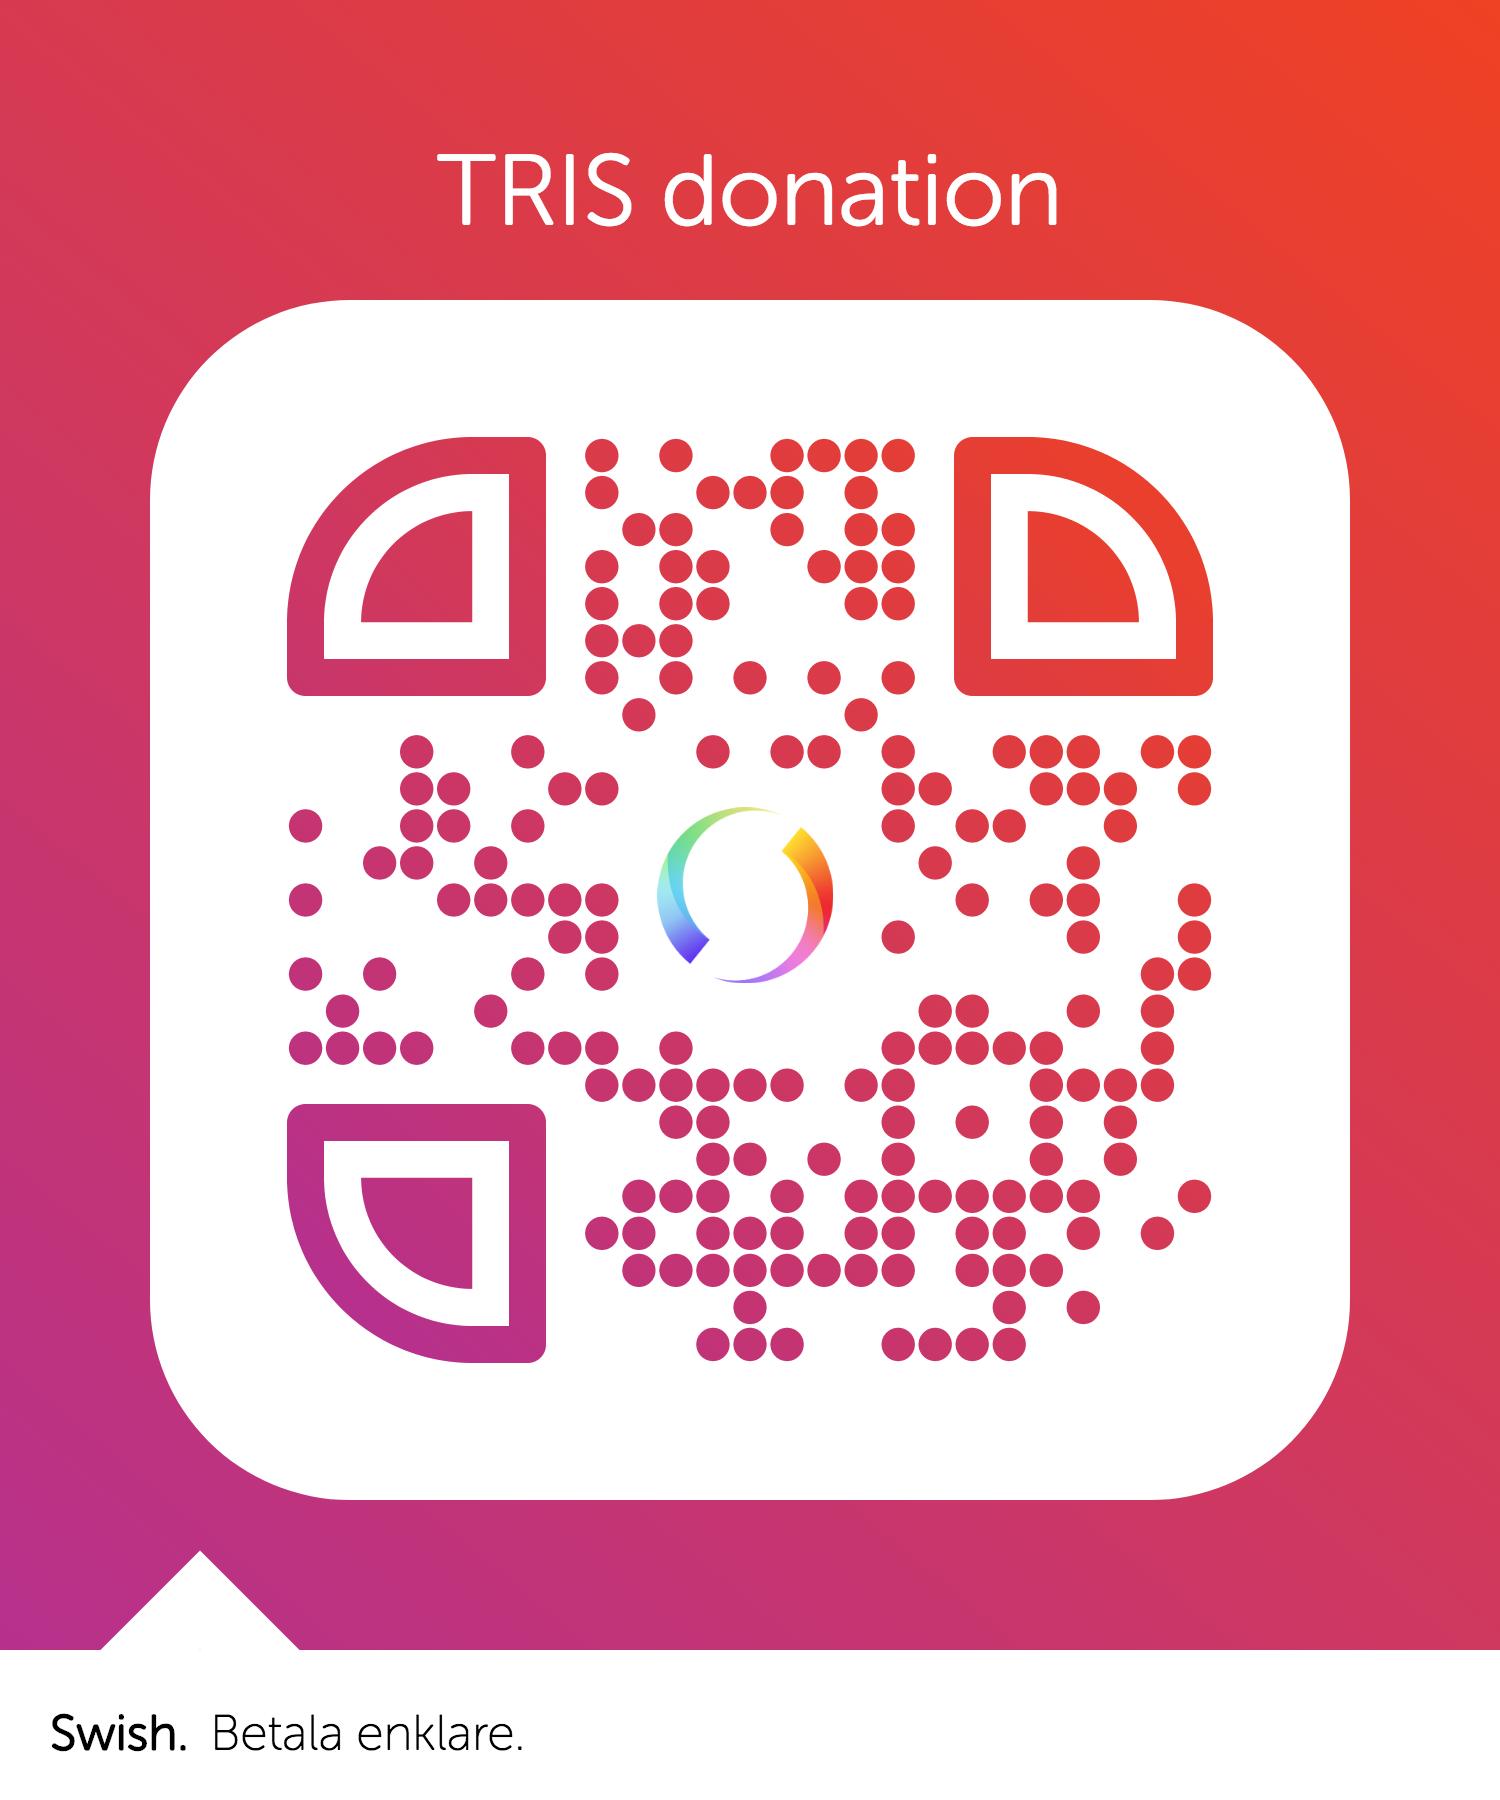 tris_donation.png